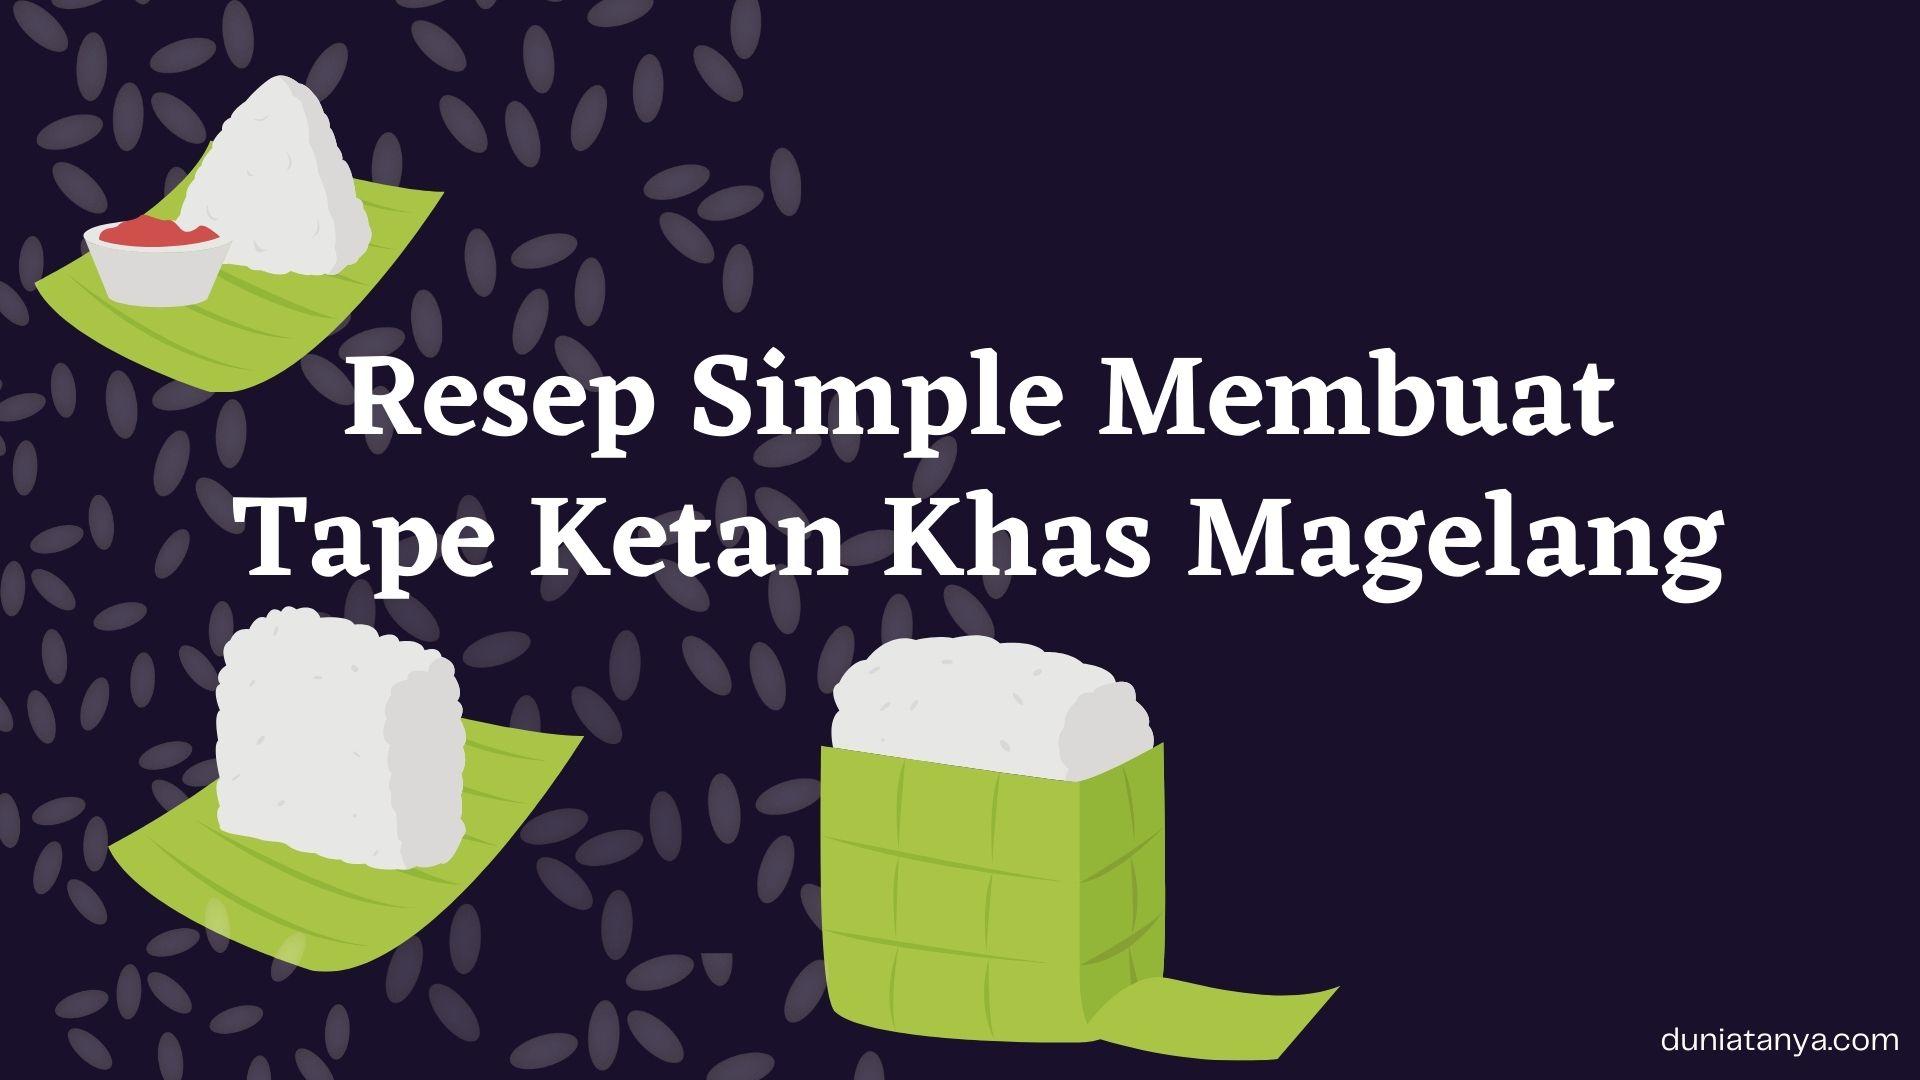 Read more about the article Resep Simple Membuat Tape Ketan Khas Magelang